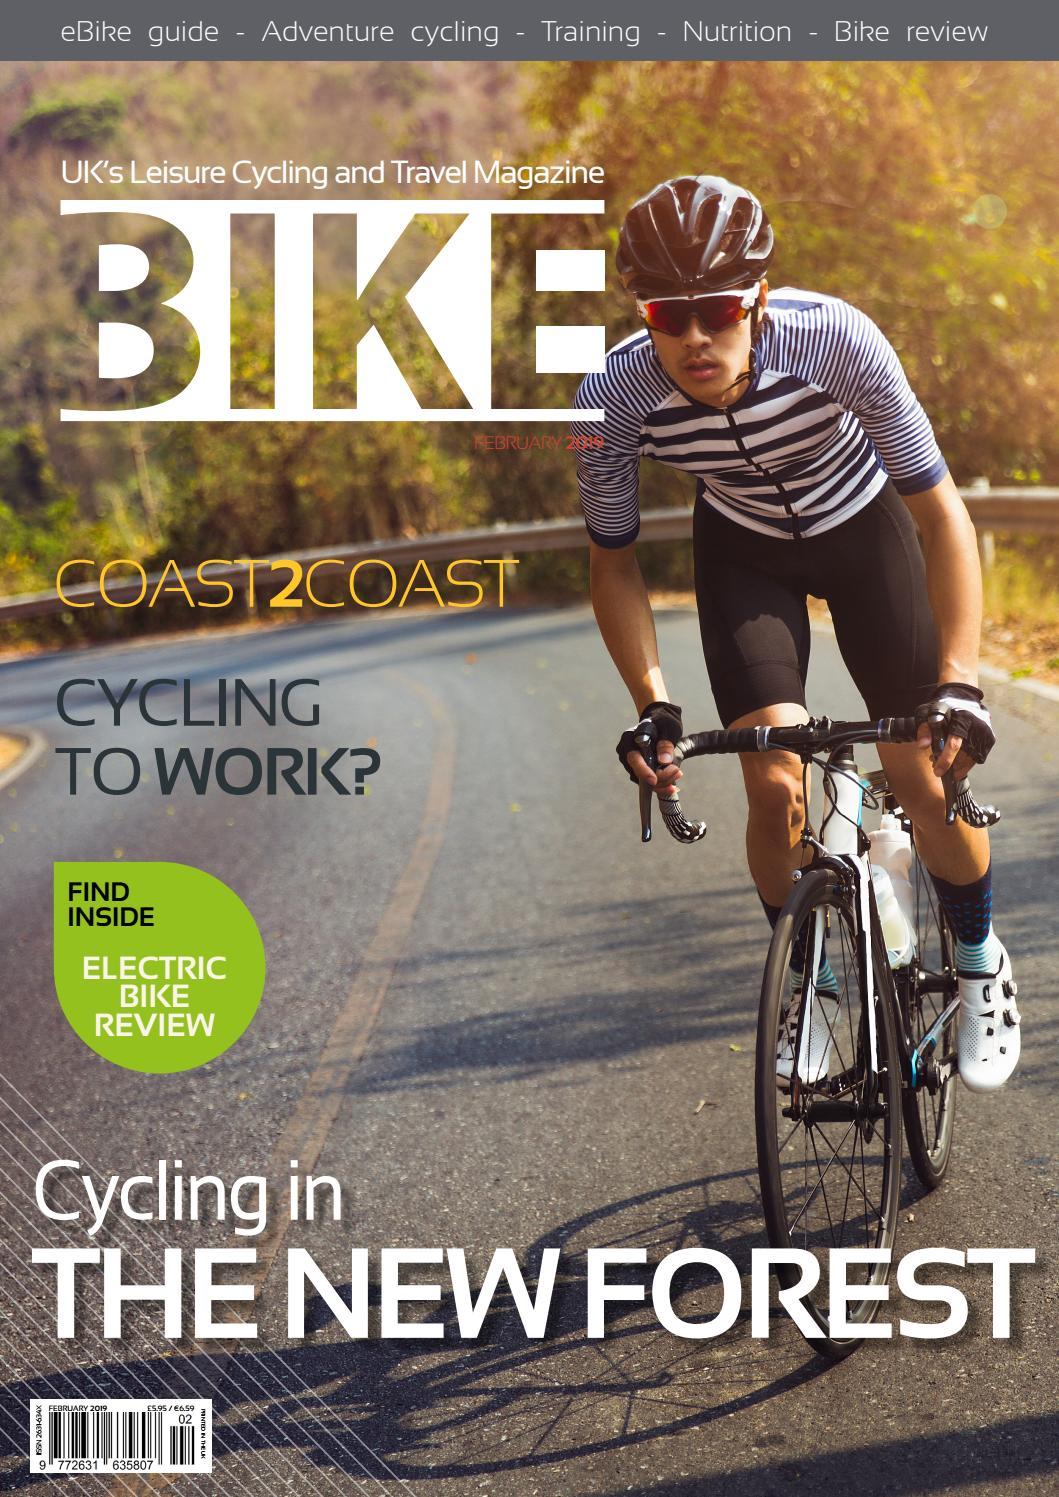 Rigg-socks British Cyclist Cycling Union Jack Flag Icon Mens Comfortable Sport Socks Black